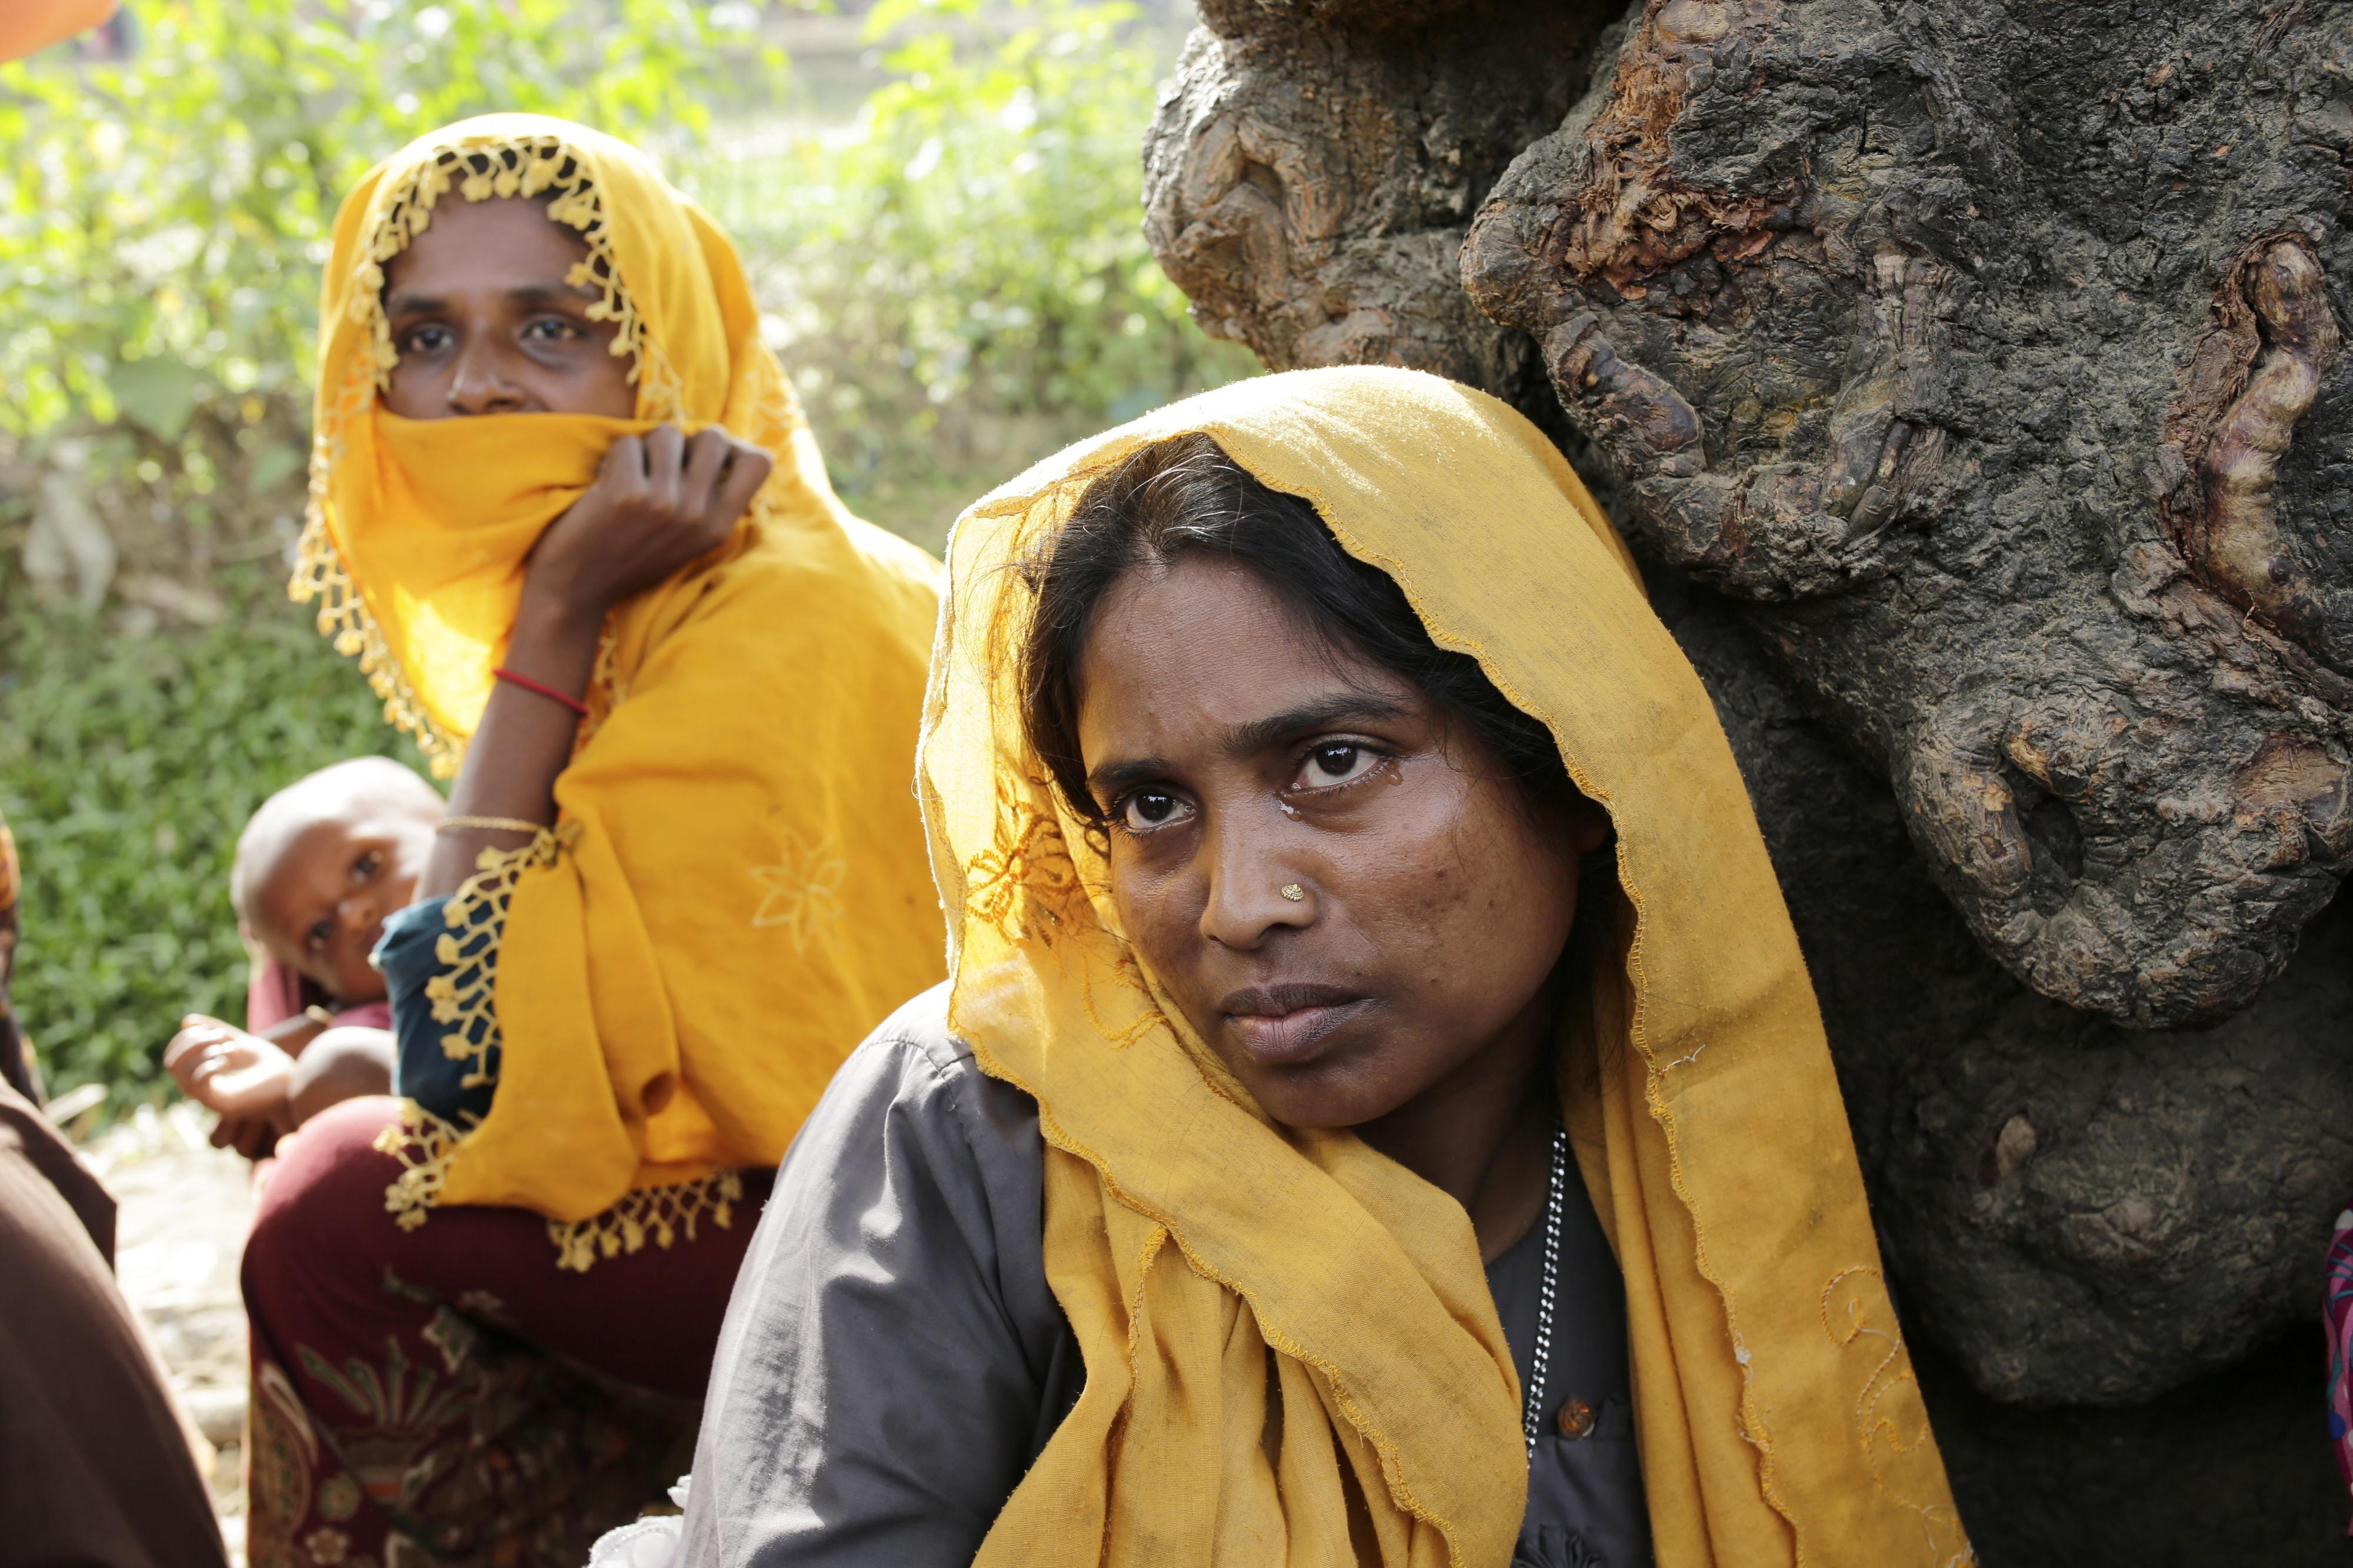 Nenhum rohingya se apresentou para regressar a Myanmar, diz comissário do Bangladesh